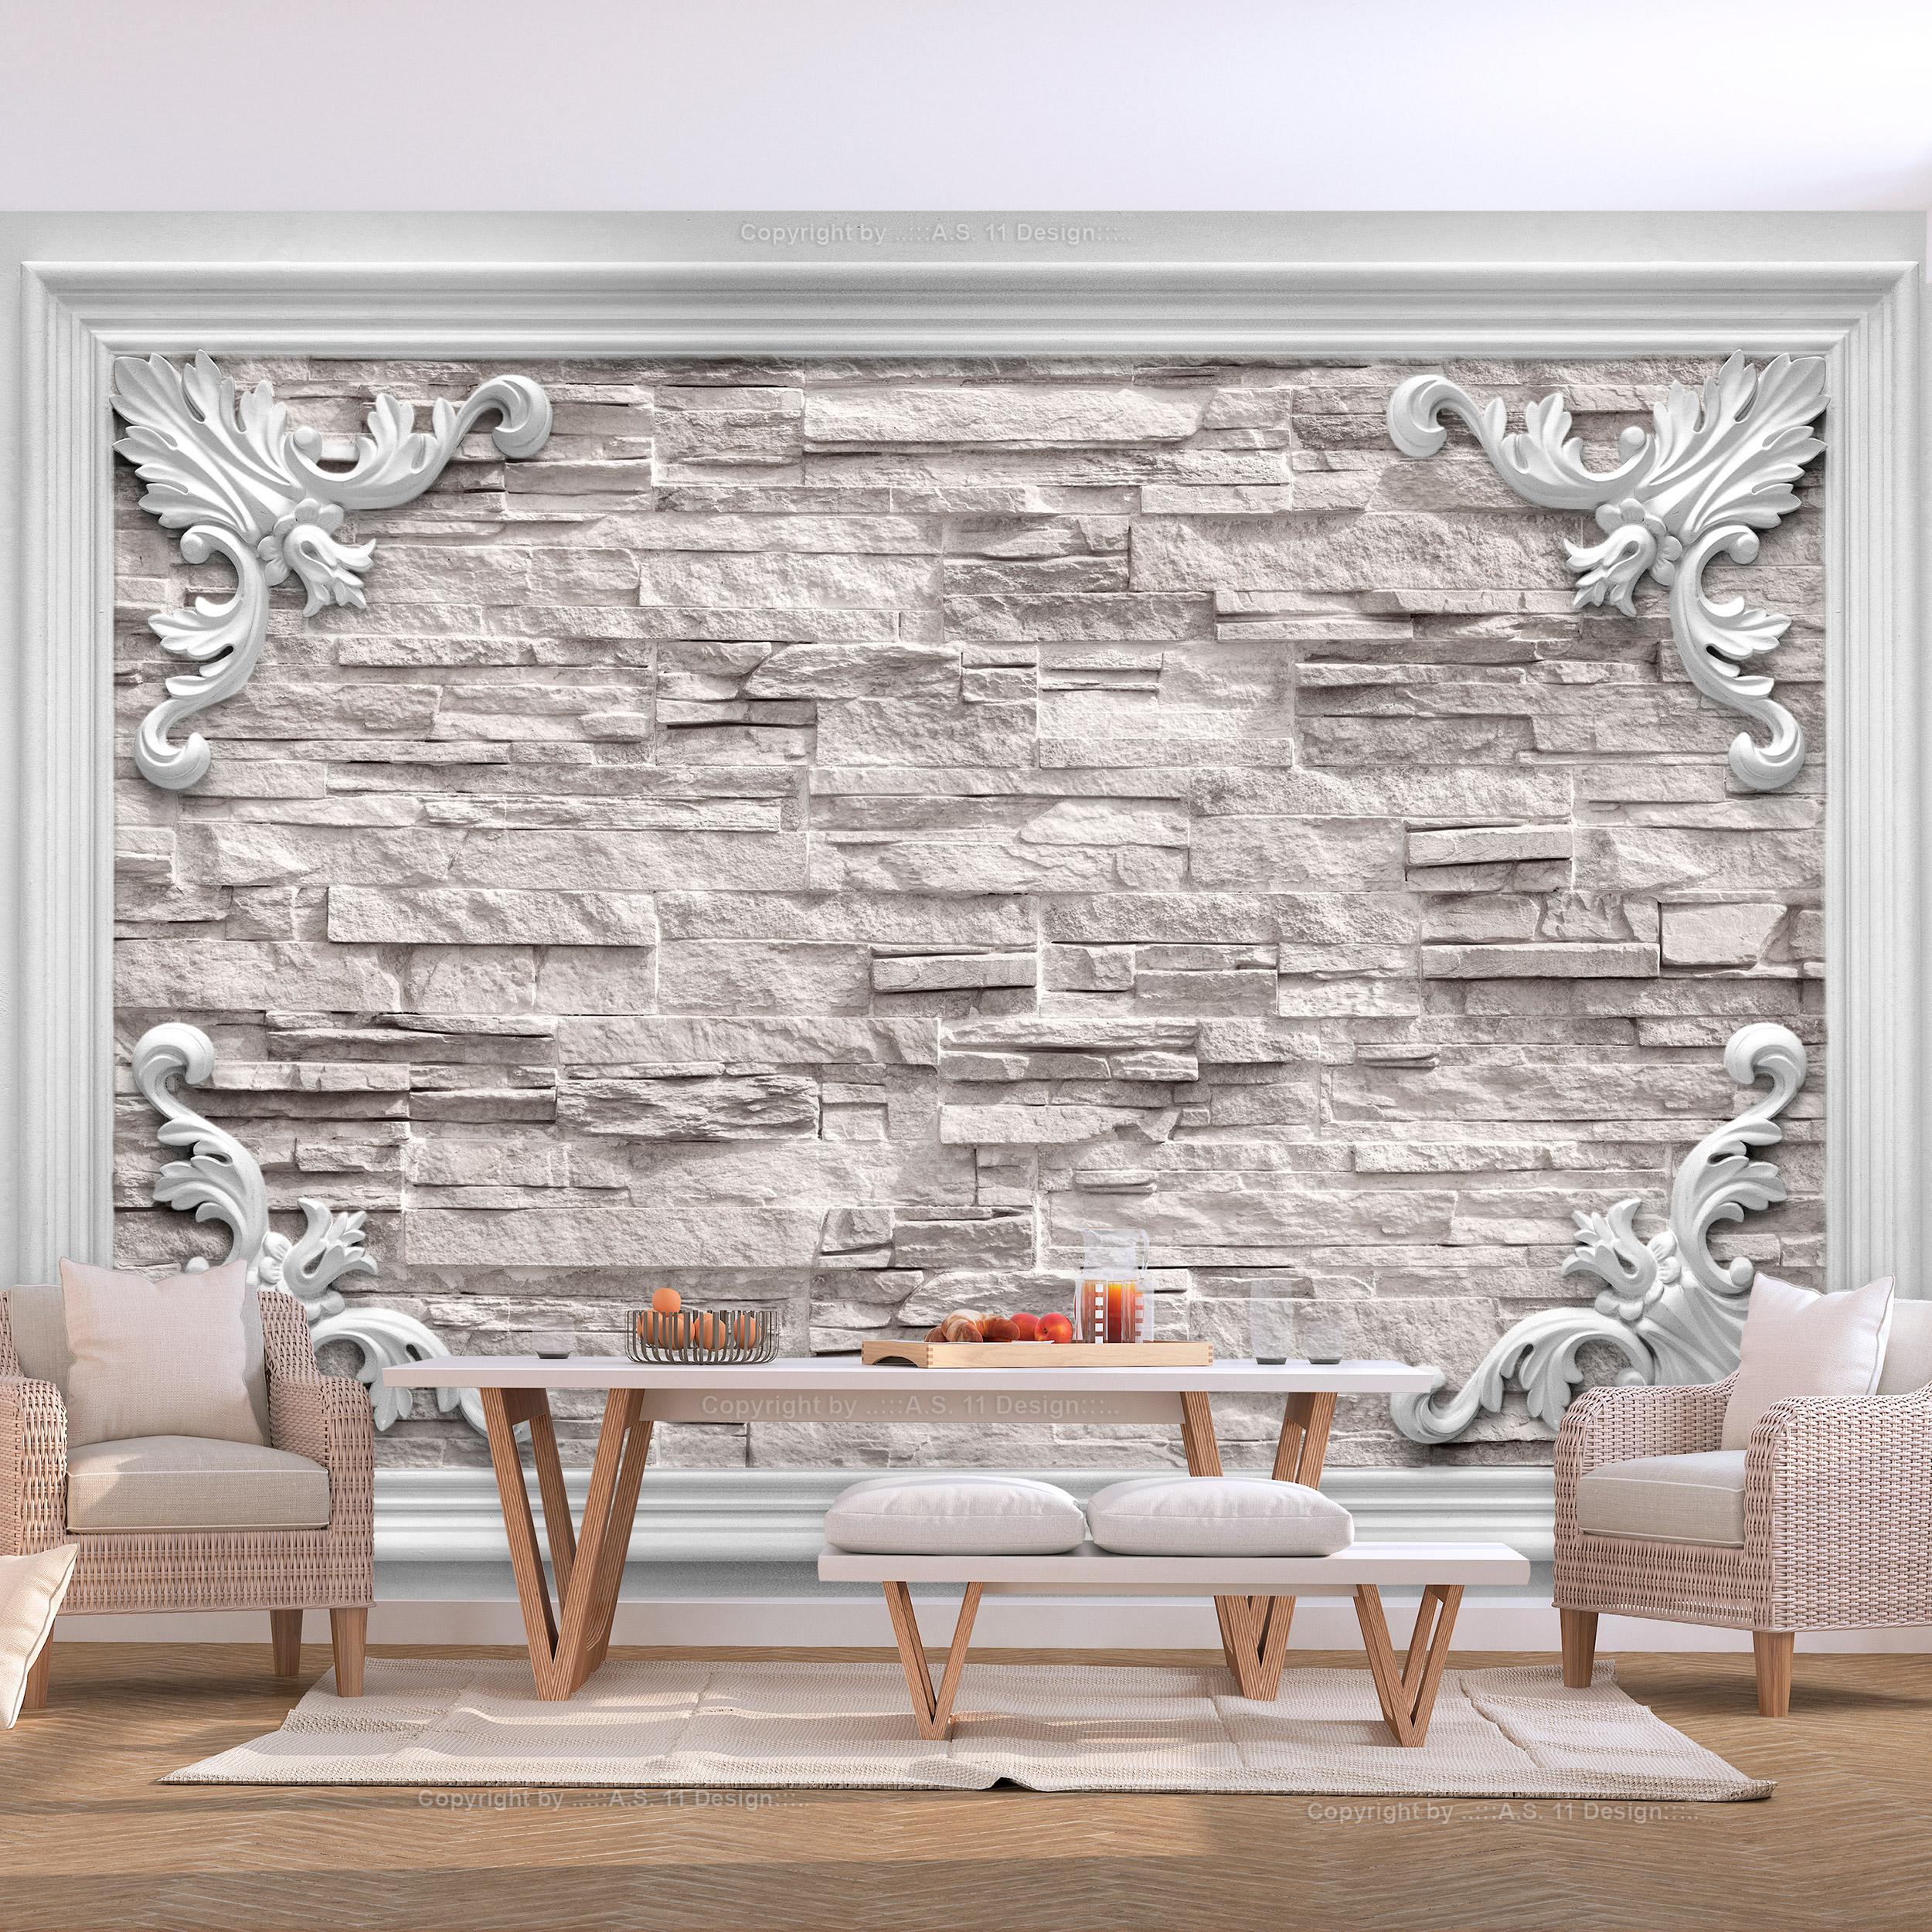 Vlies fototapete steinoptik steinwand 3d effekt tapete wandbilder xxl wohnzimmer ebay - 3d wandbilder wohnzimmer ...